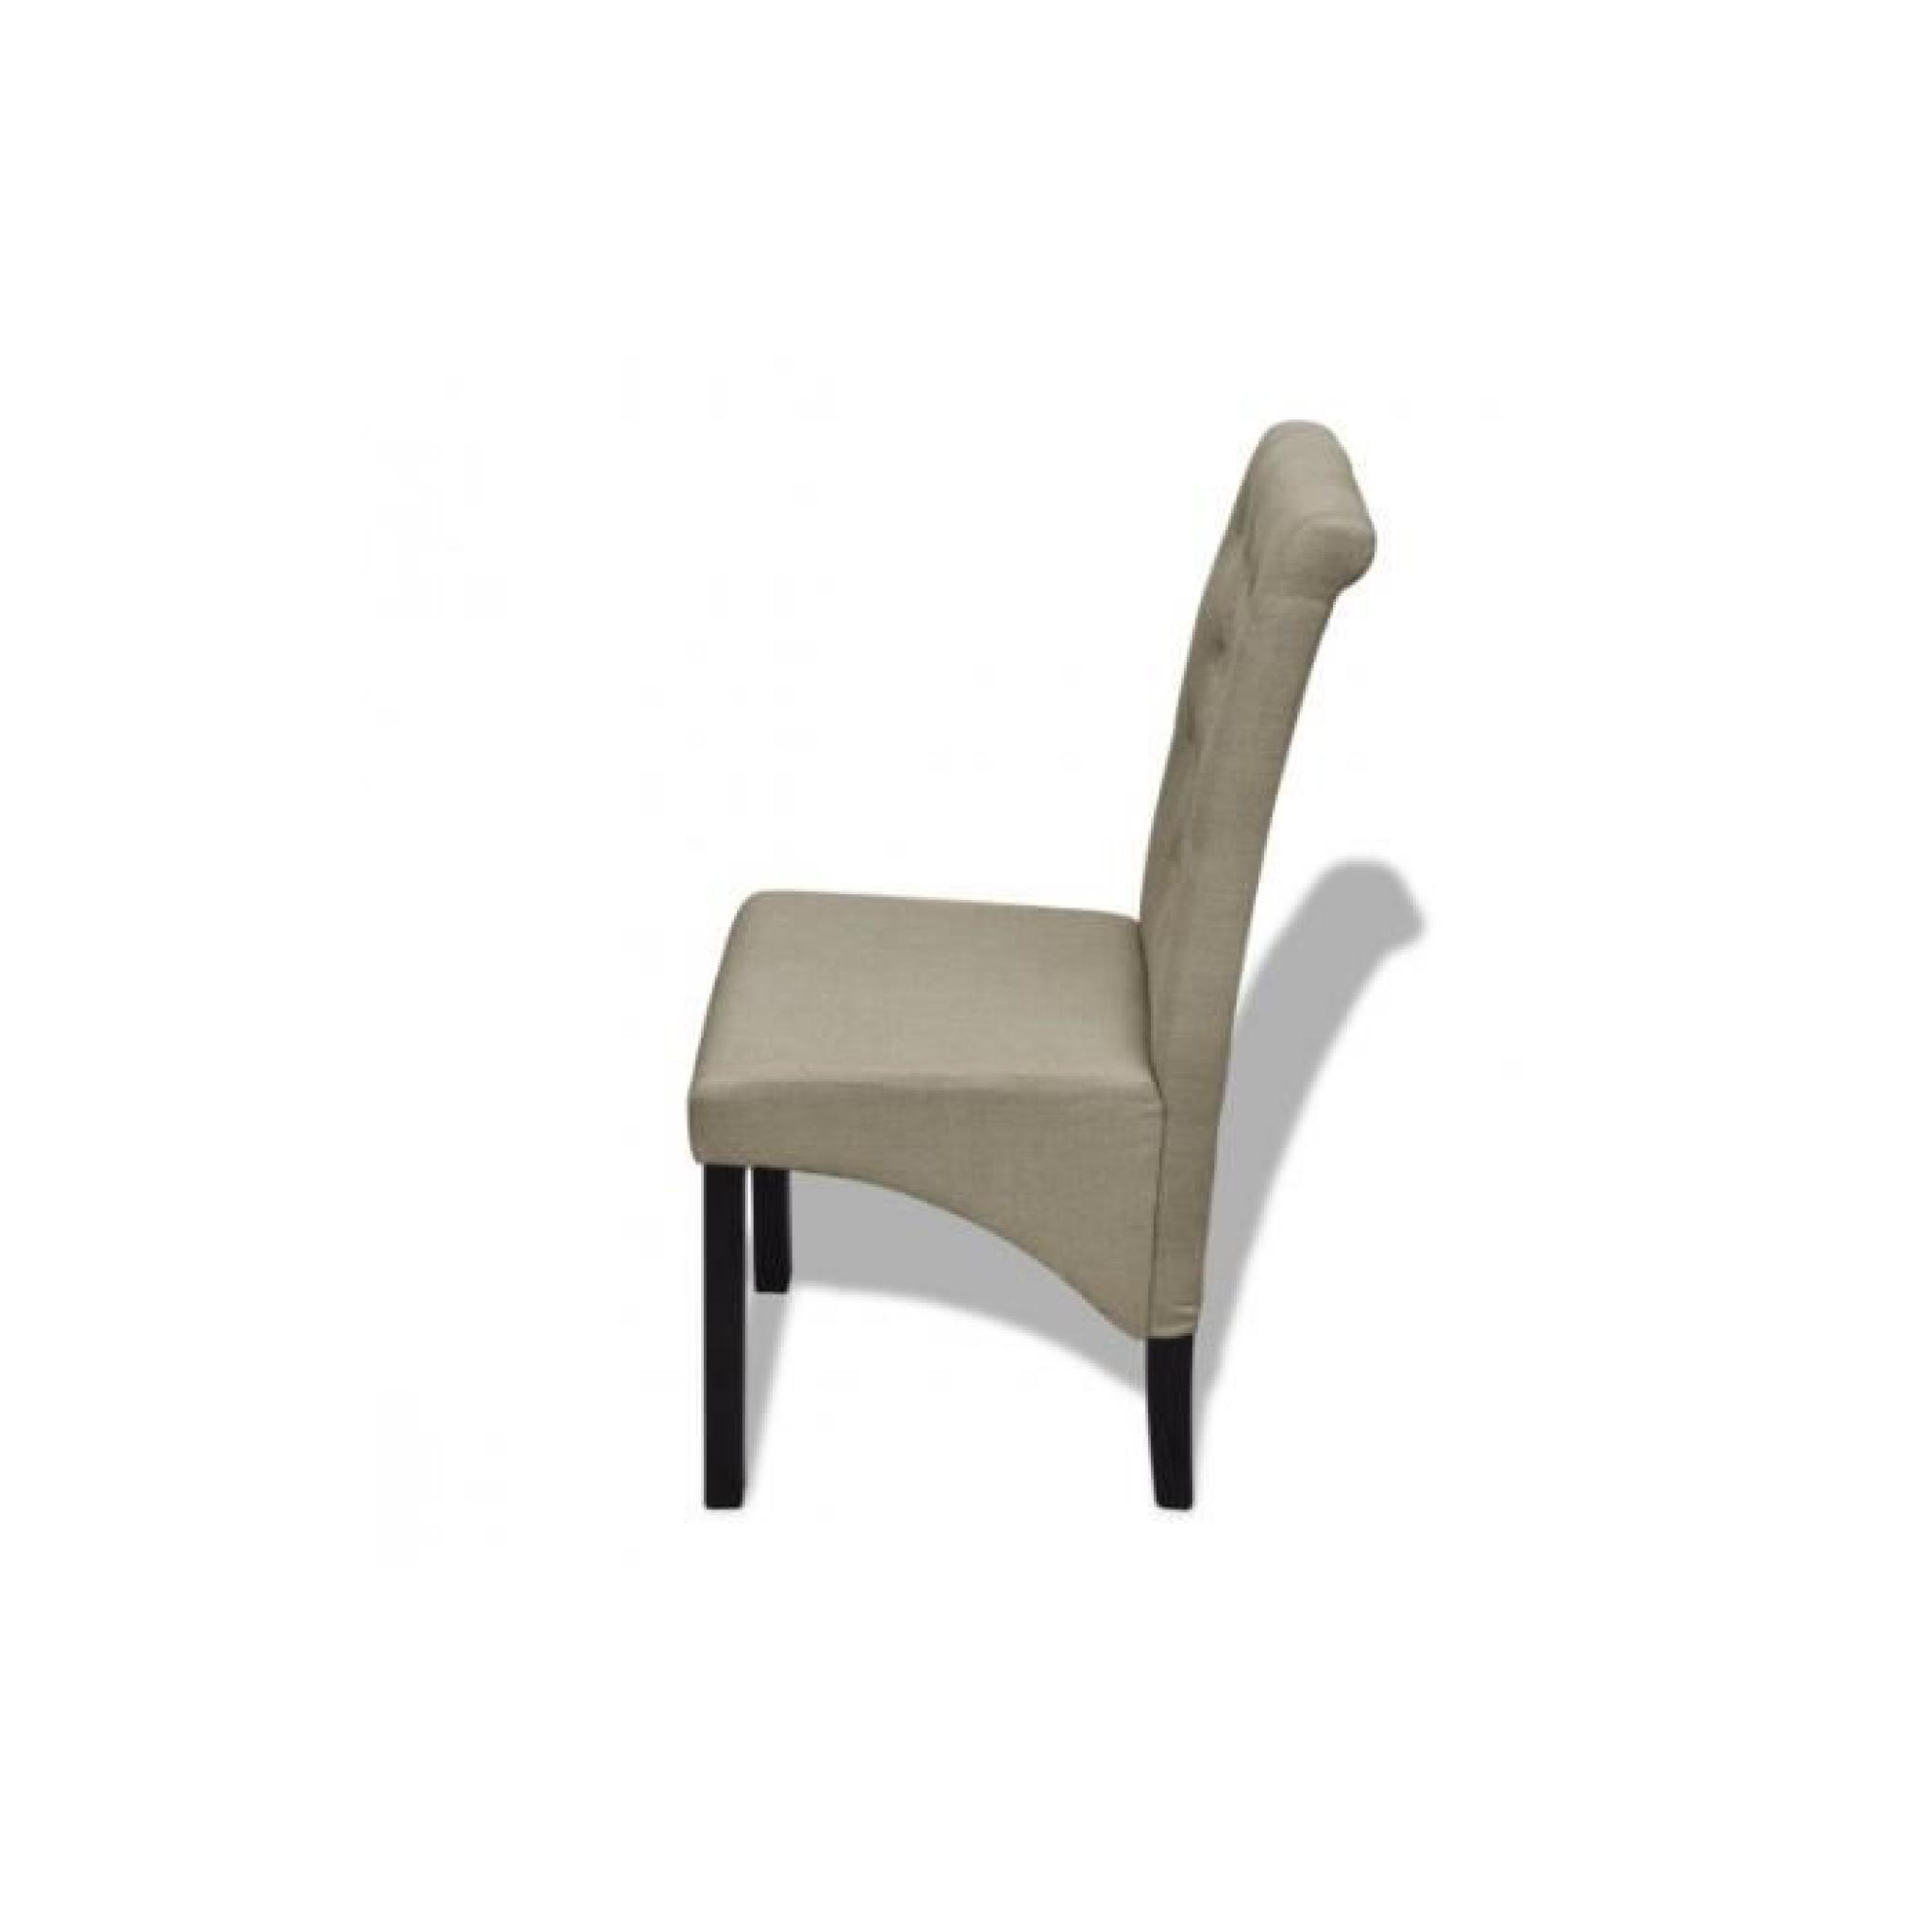 Lot de 6 chaises de salle manger salon beige antique achat vente chaise salle a manger pas - Lot de 6 chaises salle a manger ...